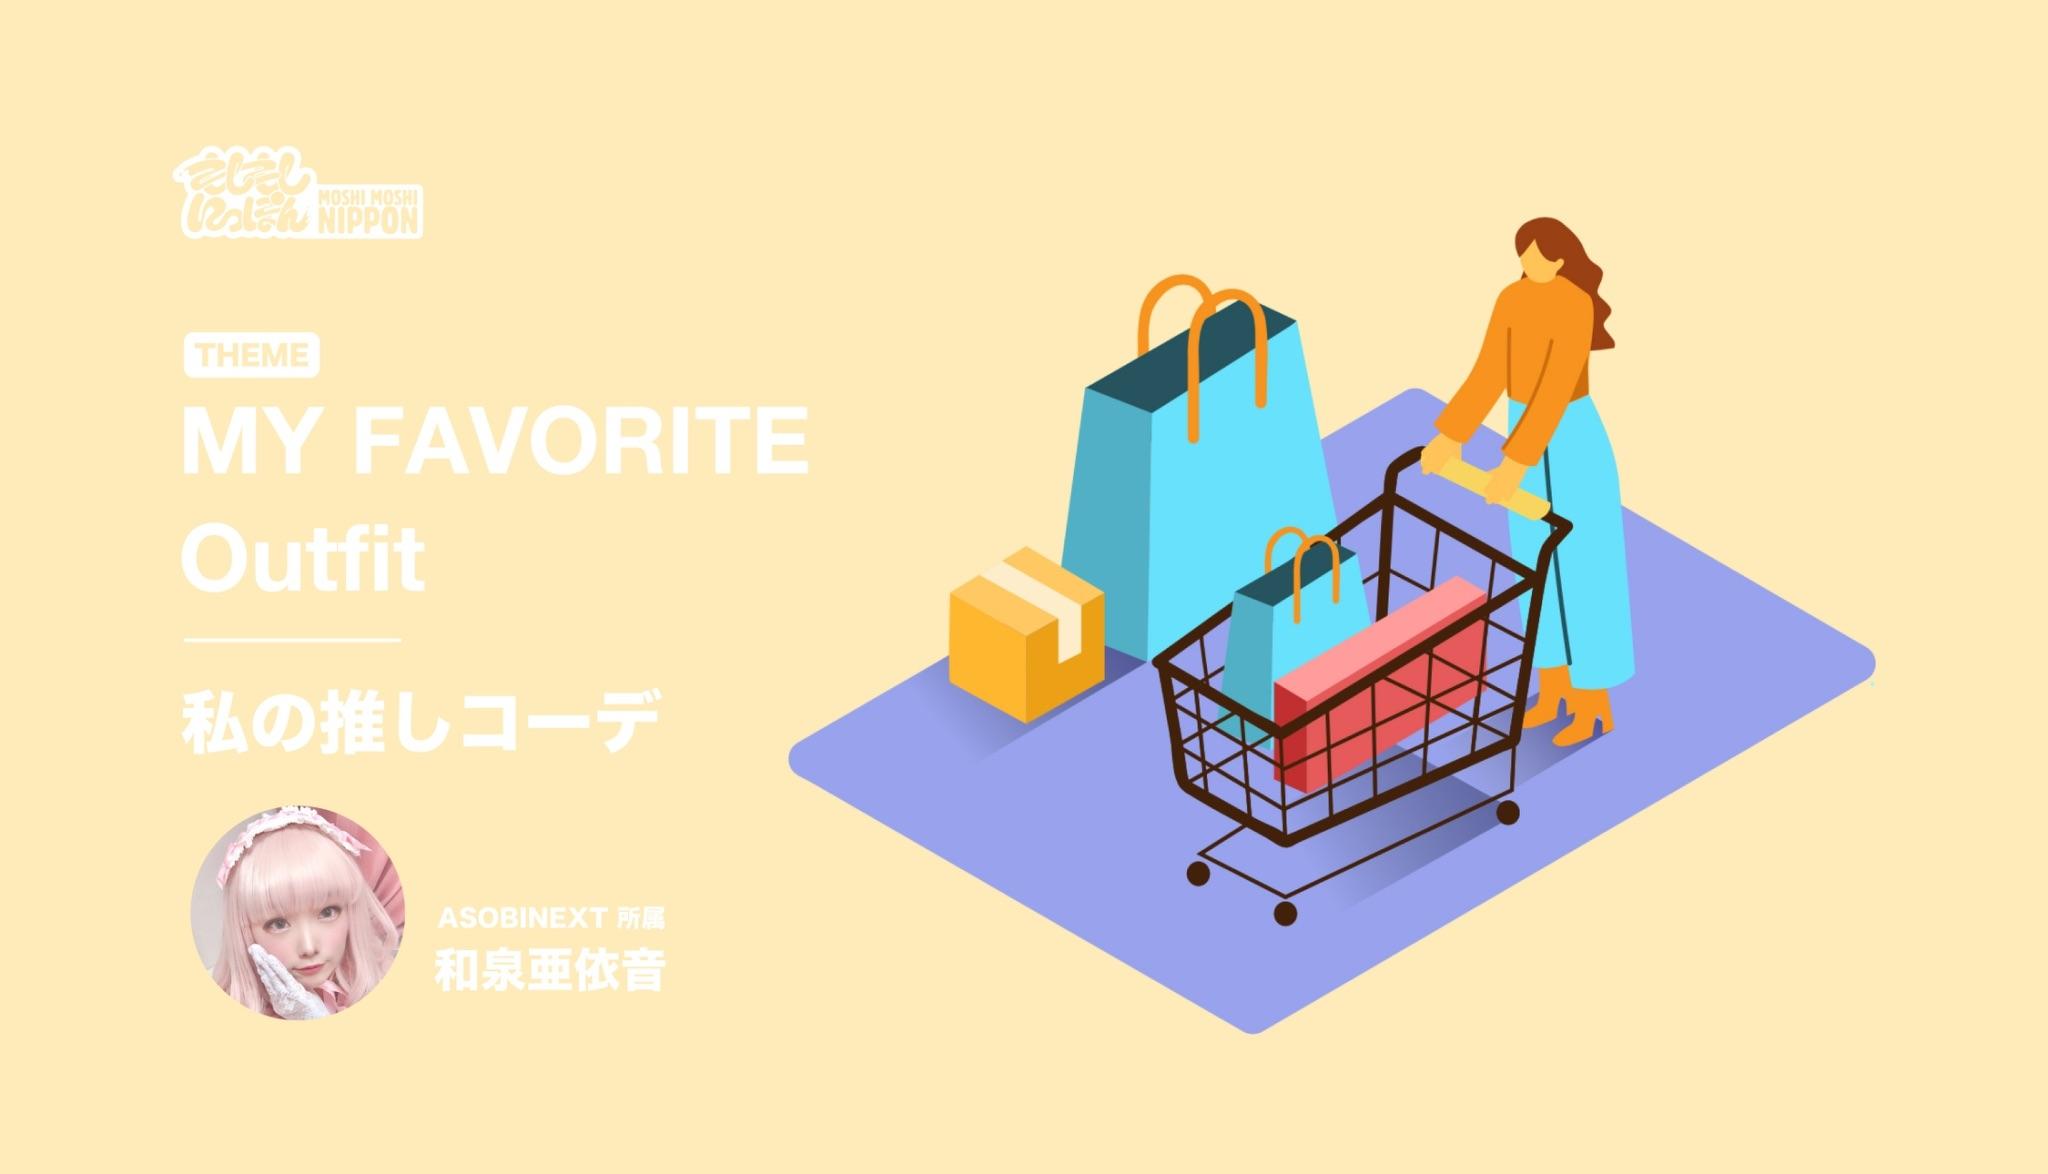 私の推しコーデ ロリィタ Lolita Fashion 時尚12